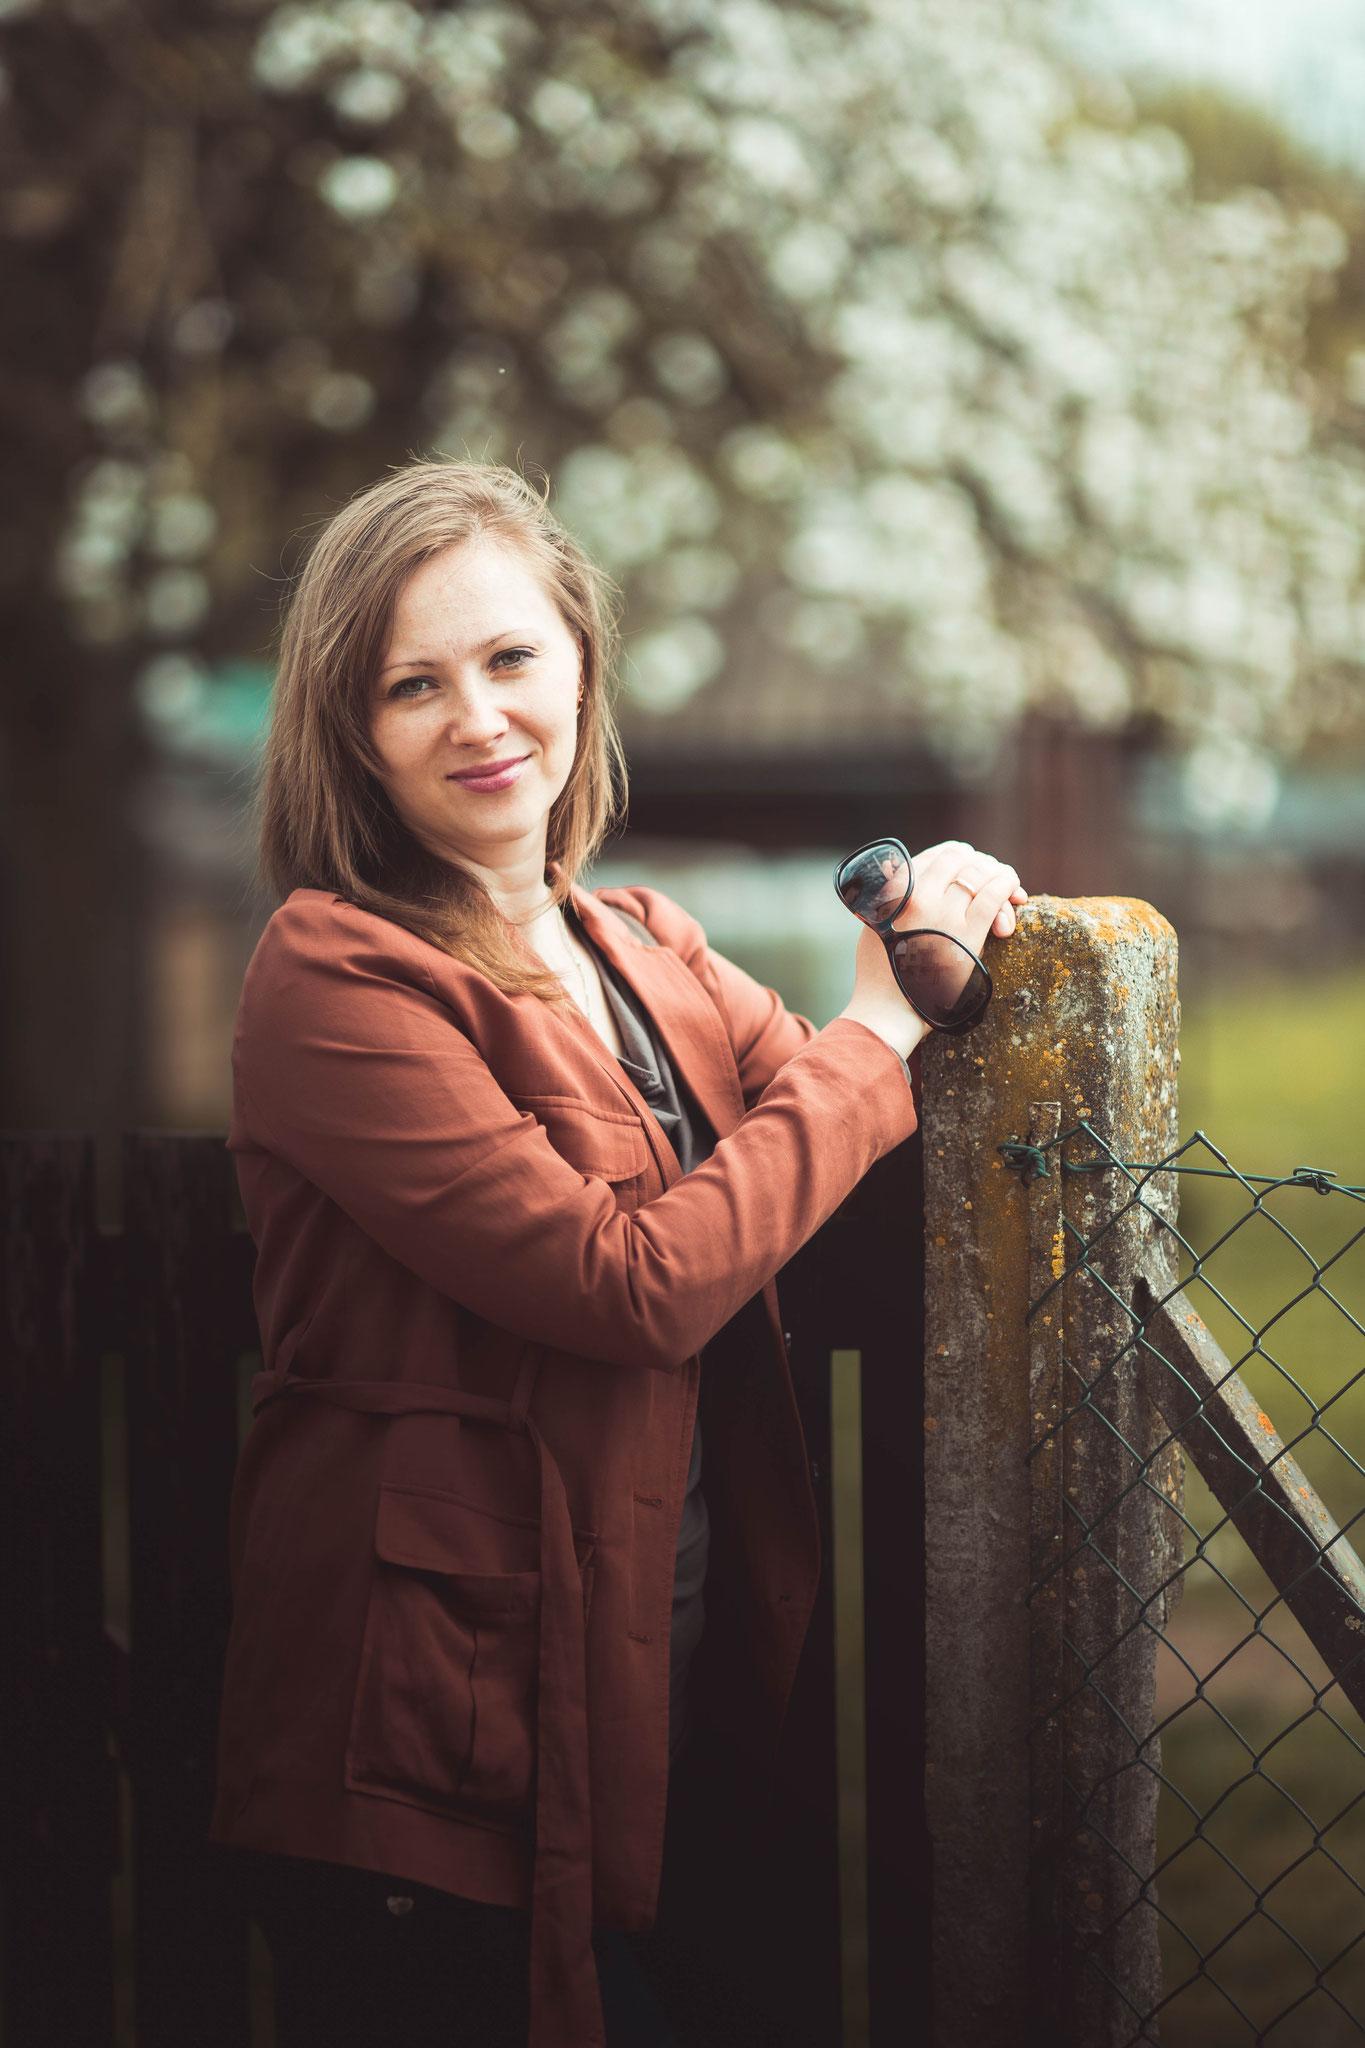 Frauenportraits und Portraits von jungen Menschen in Frankfurt und Umgebung